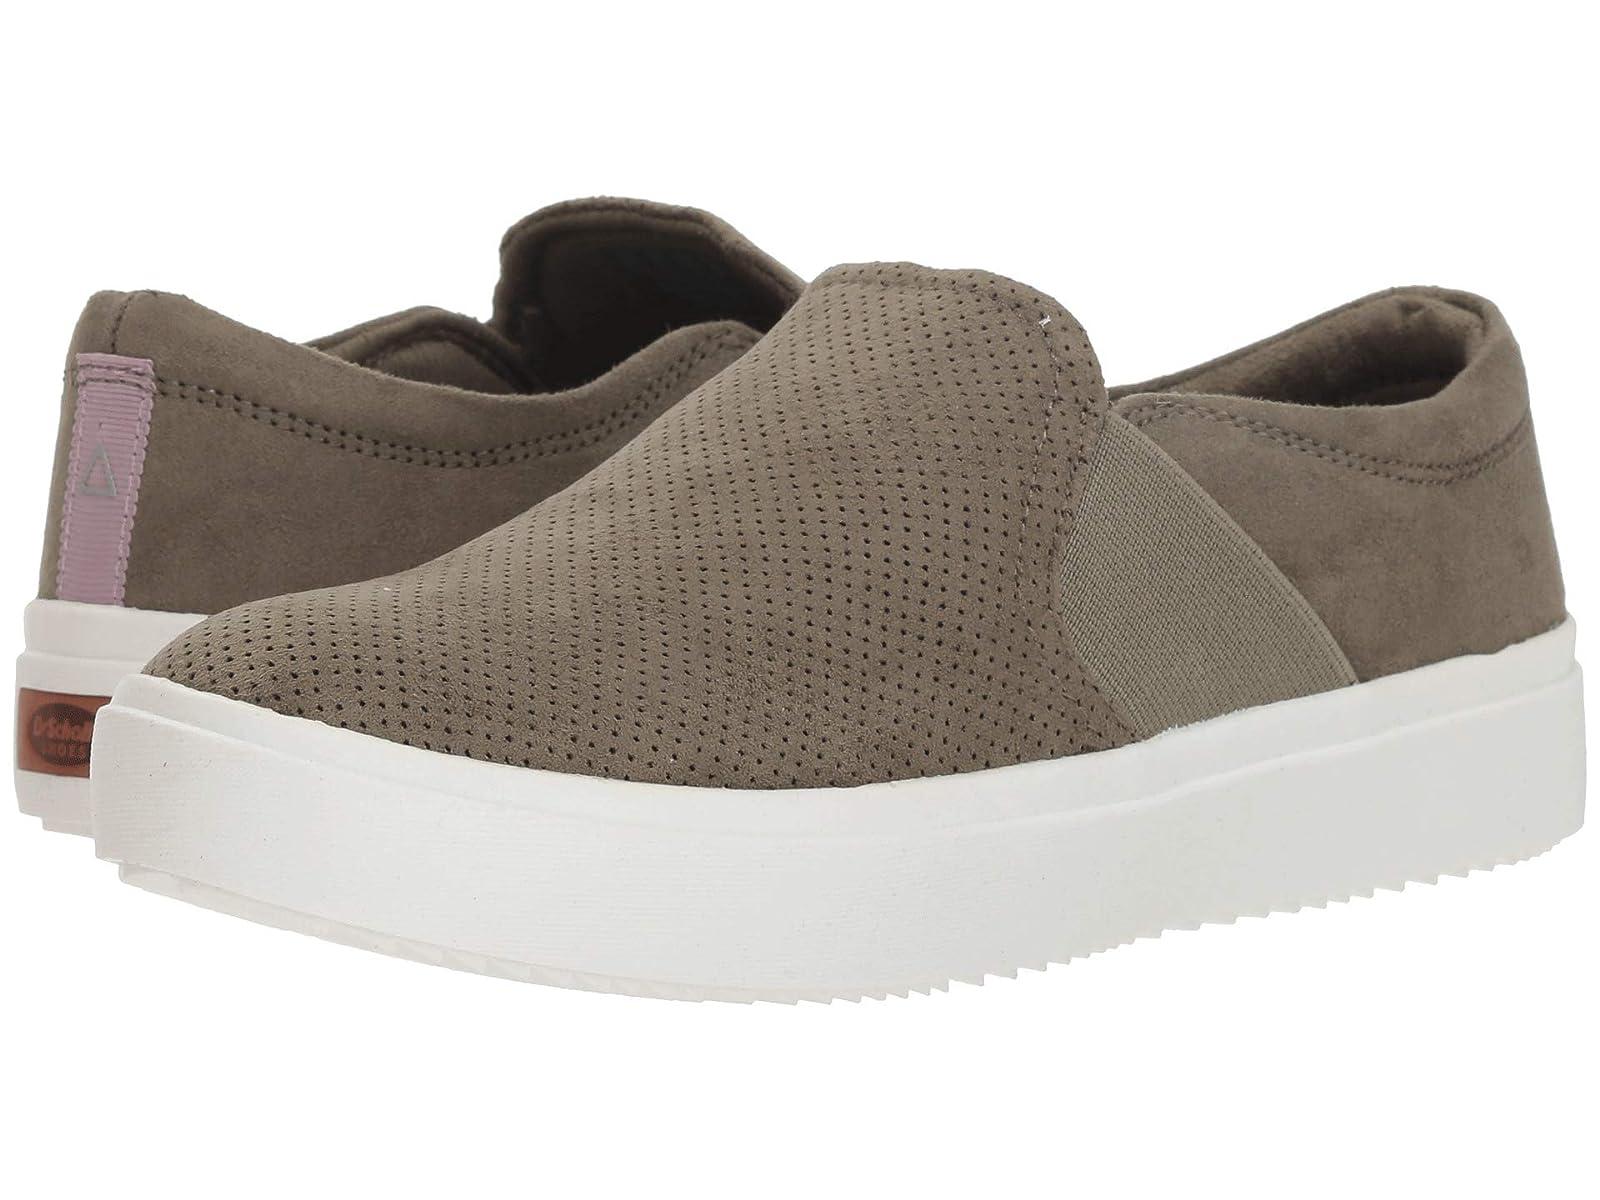 Dr. Scholl's Wander UpAtmospheric grades have affordable shoes